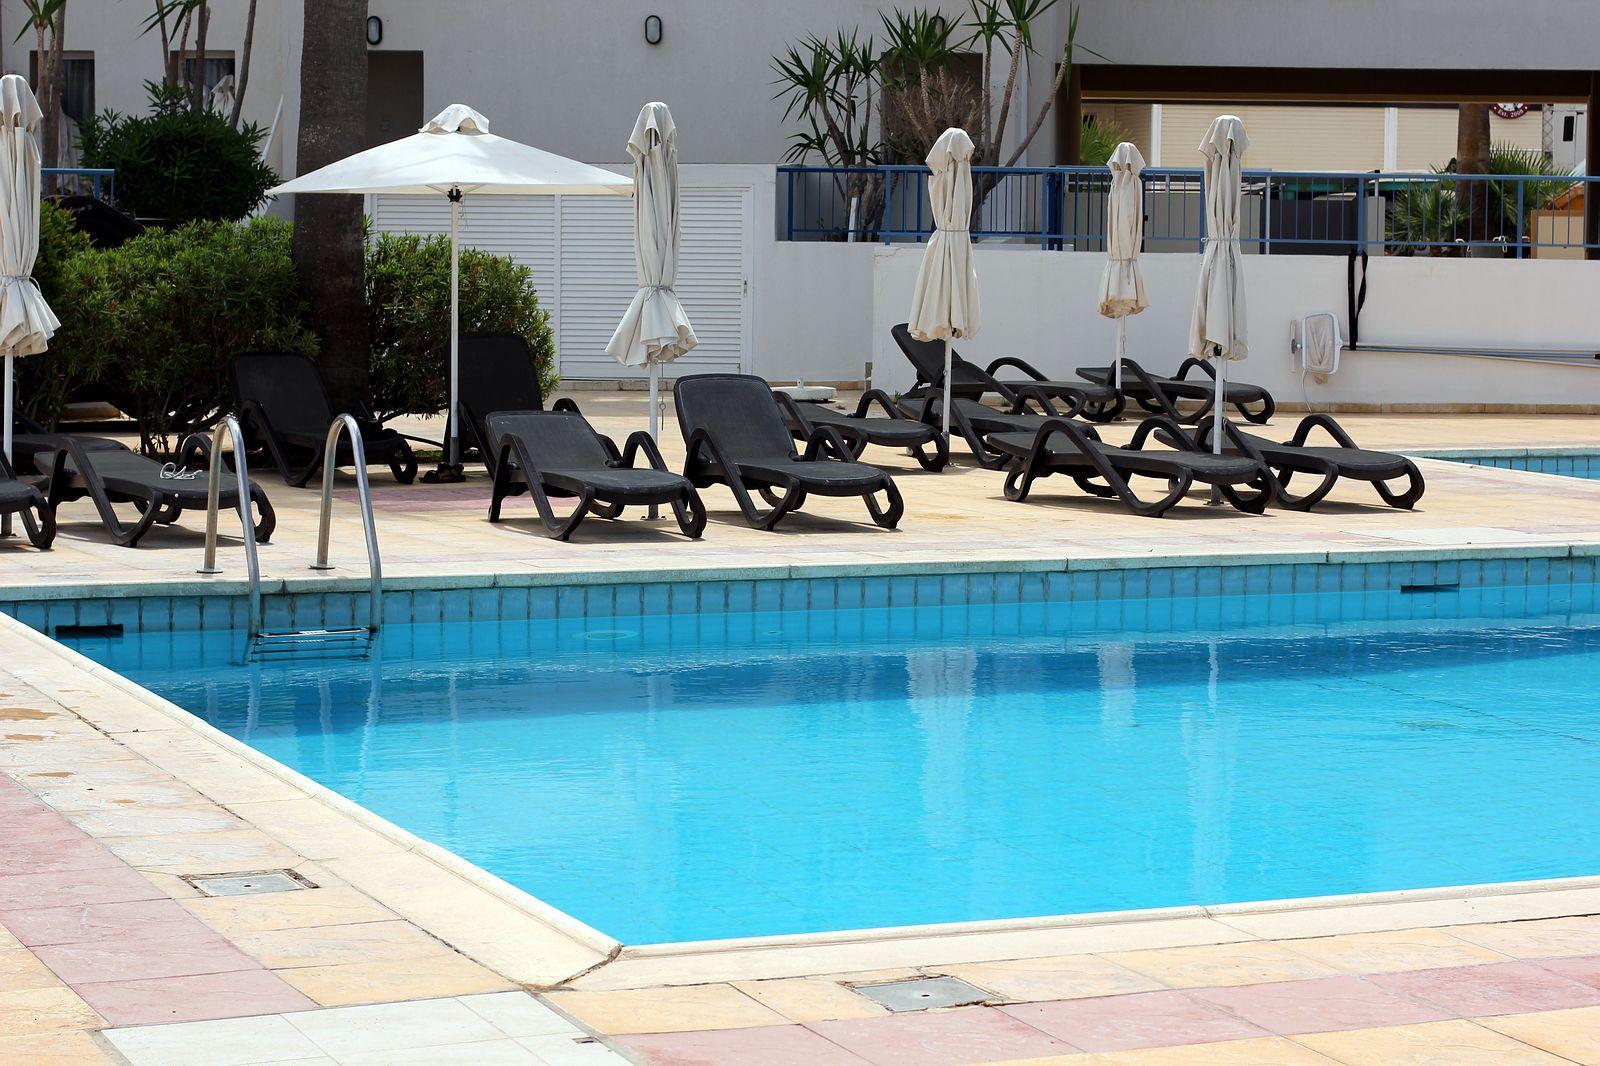 Cyprus. Hotel Pola Costa pool.